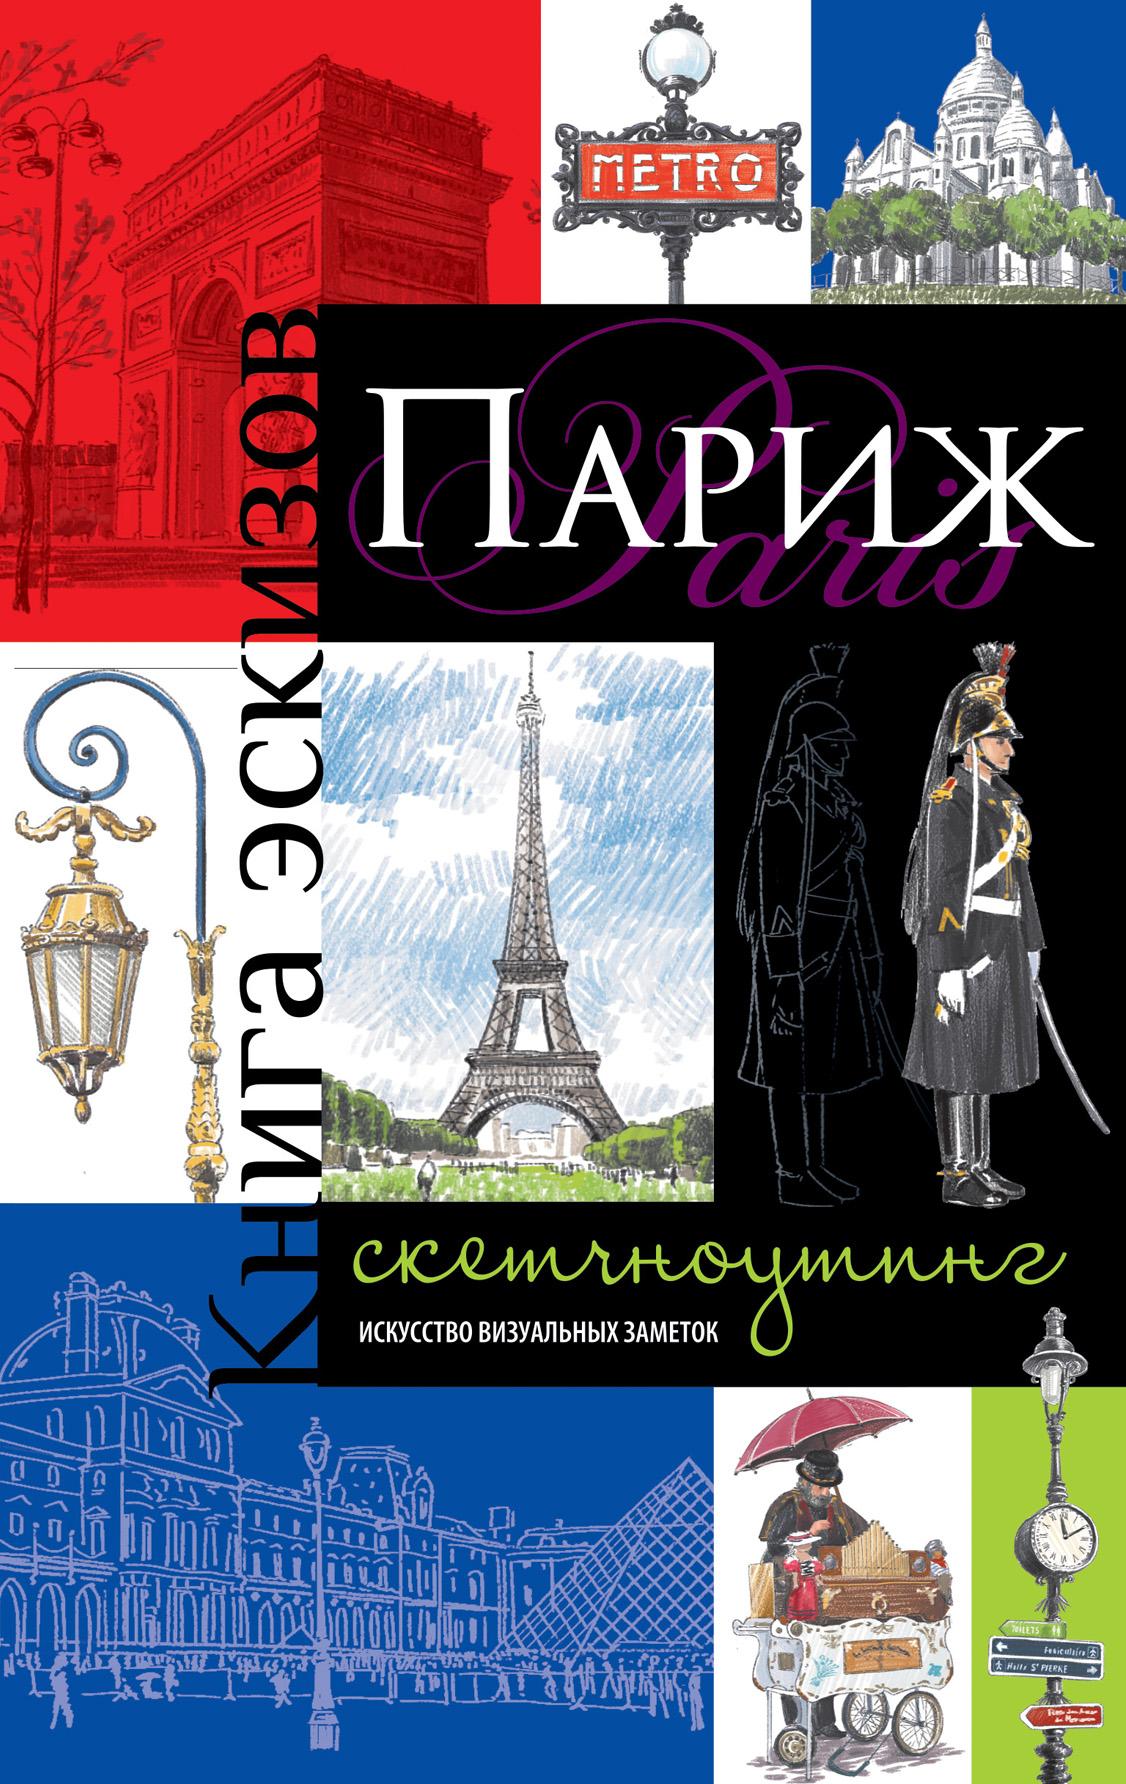 Париж. Книга эскизов. Искусство визуальных заметок. Скетчноутинг